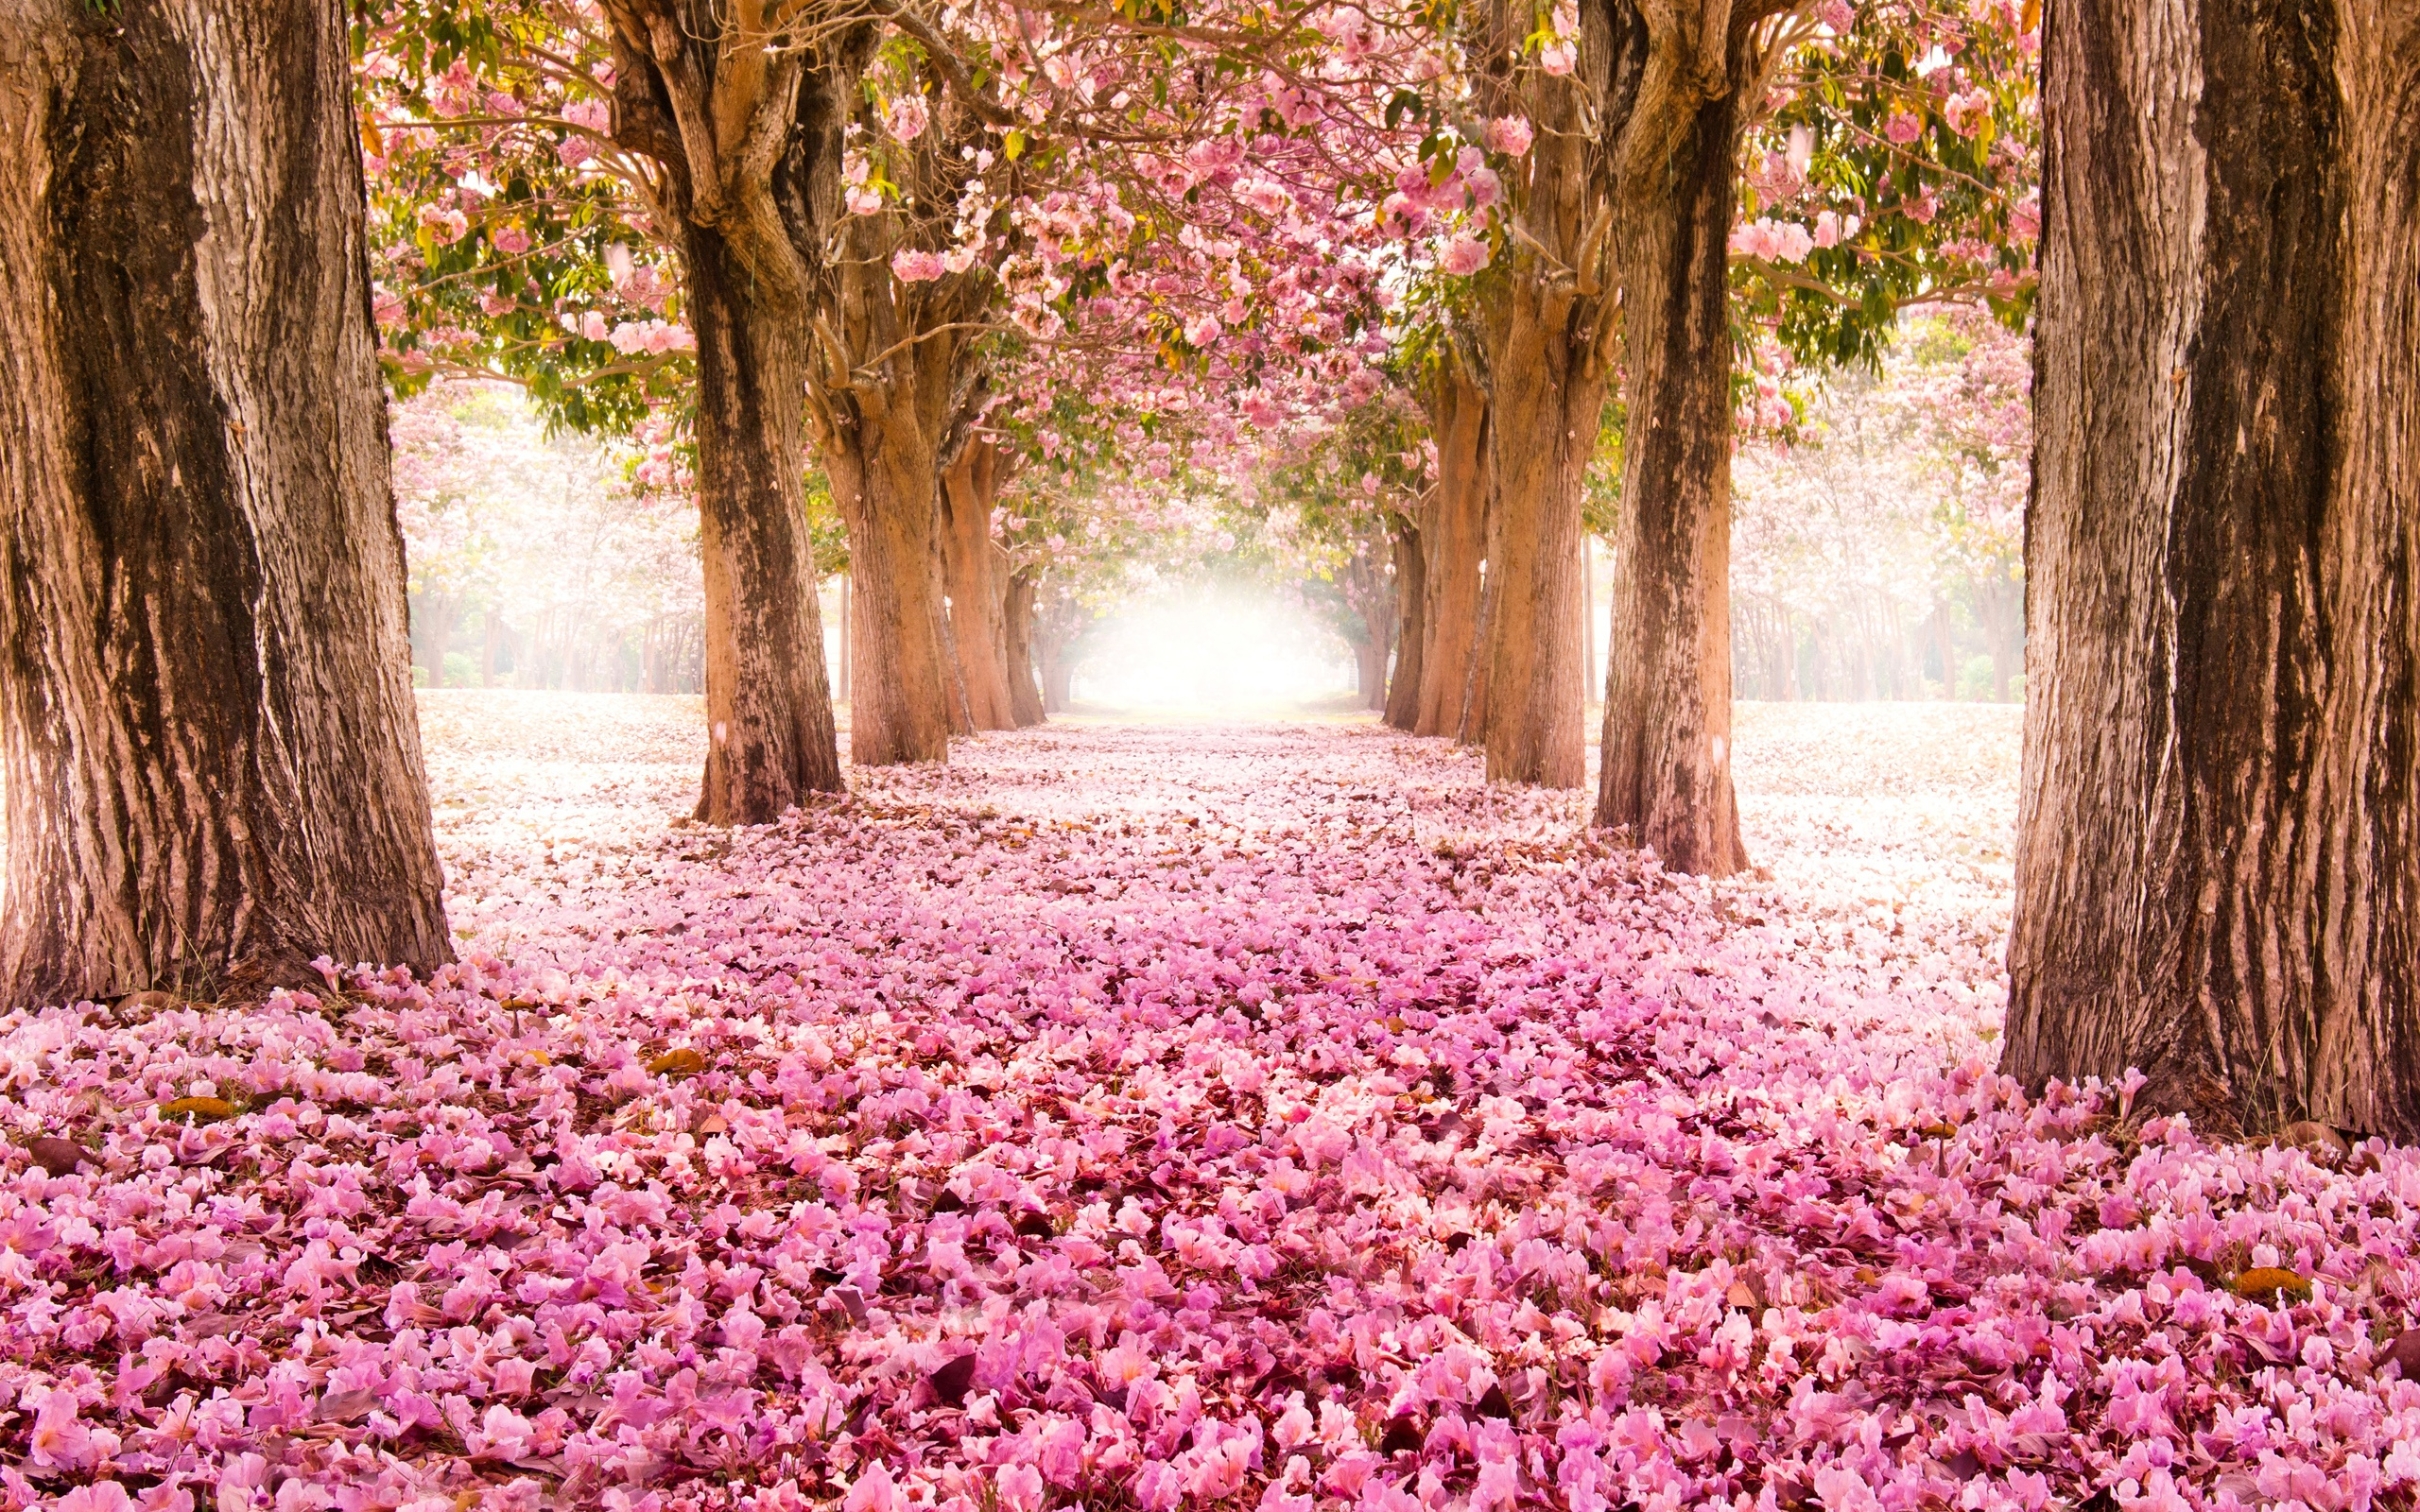 rosa blumen industrie pfad b ume sch ne landschaft 2560x1600 hd hintergrundbilder hd bild. Black Bedroom Furniture Sets. Home Design Ideas